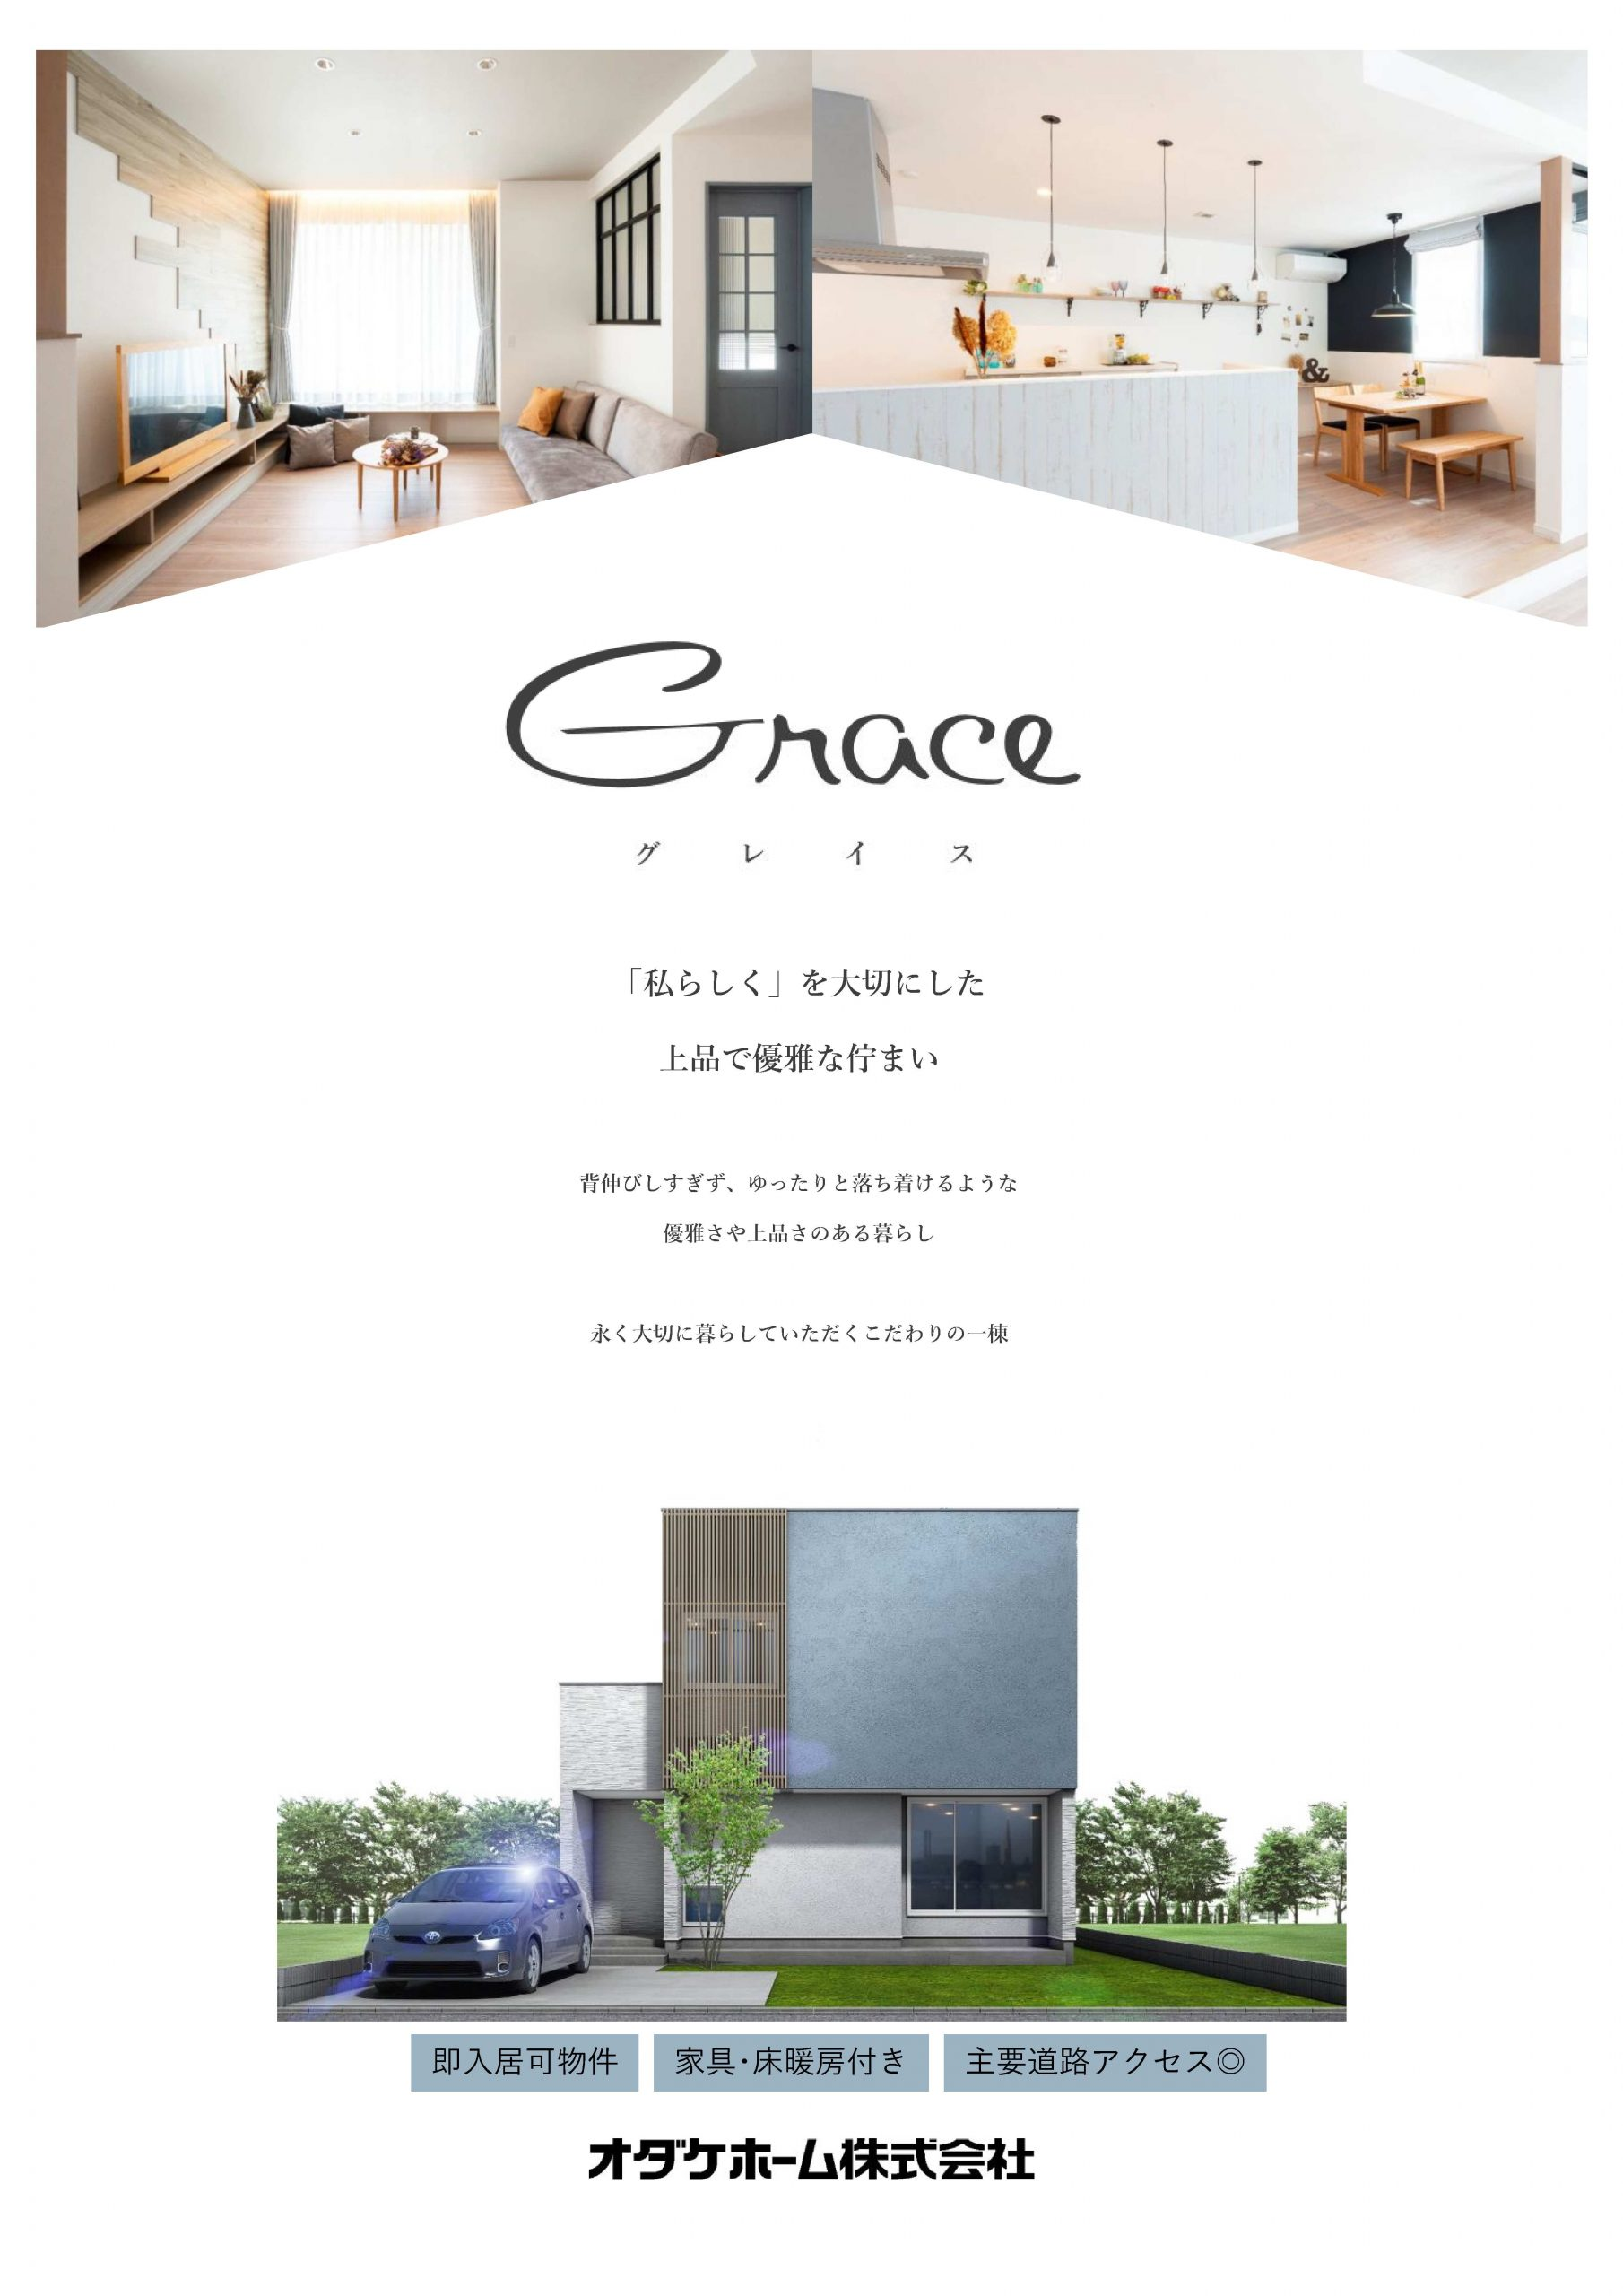 4/29(祝)~5/5(日)富山市西荒屋モデルハウスオープン!【予約制】